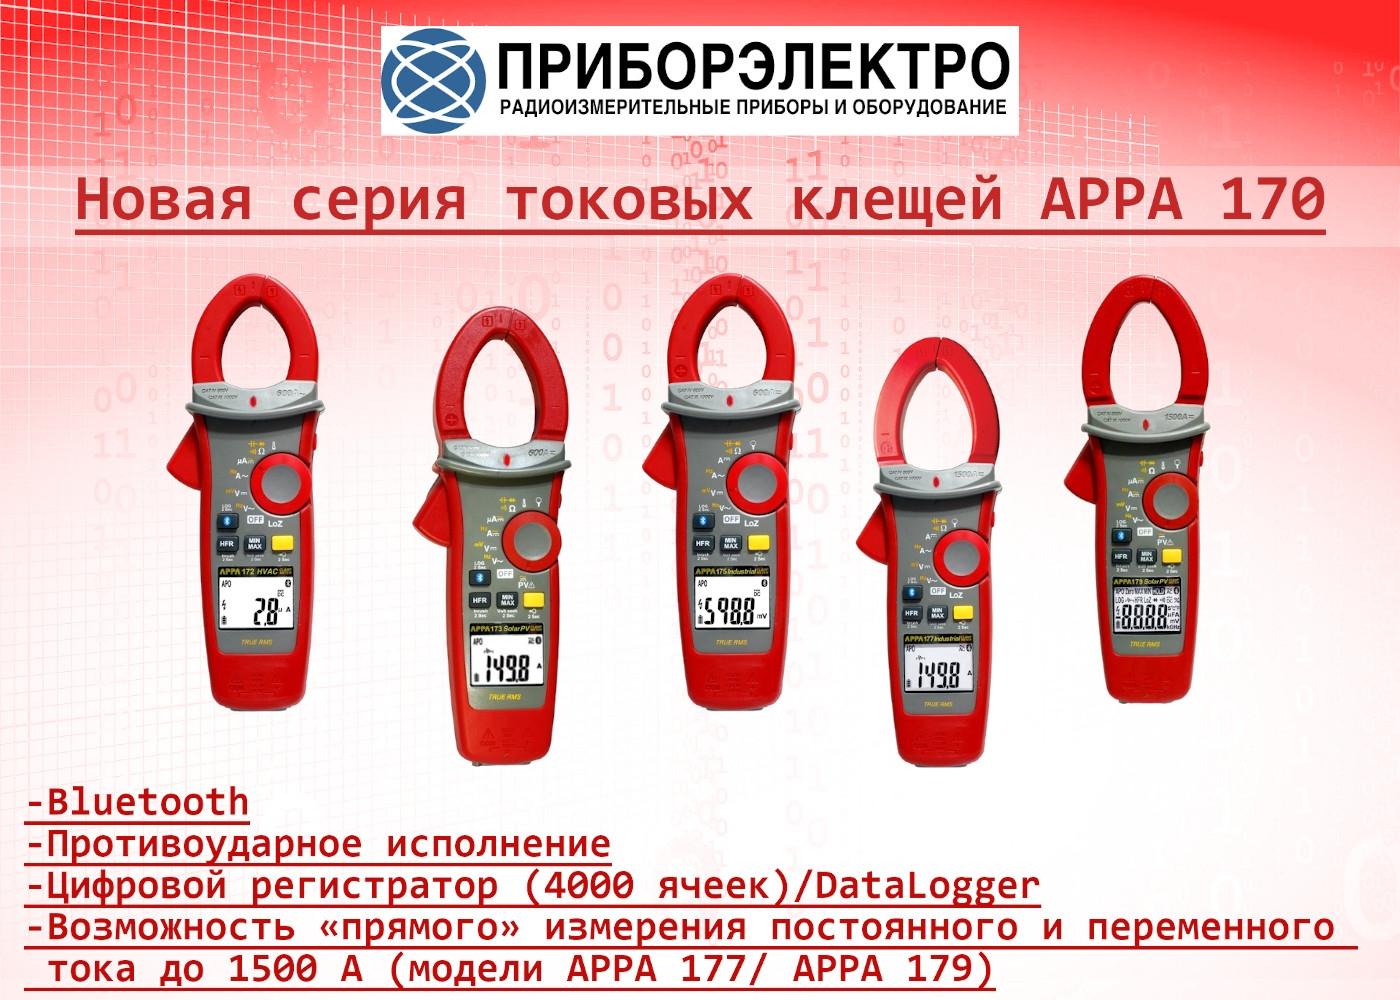 Токовые клещи серии APPA 170